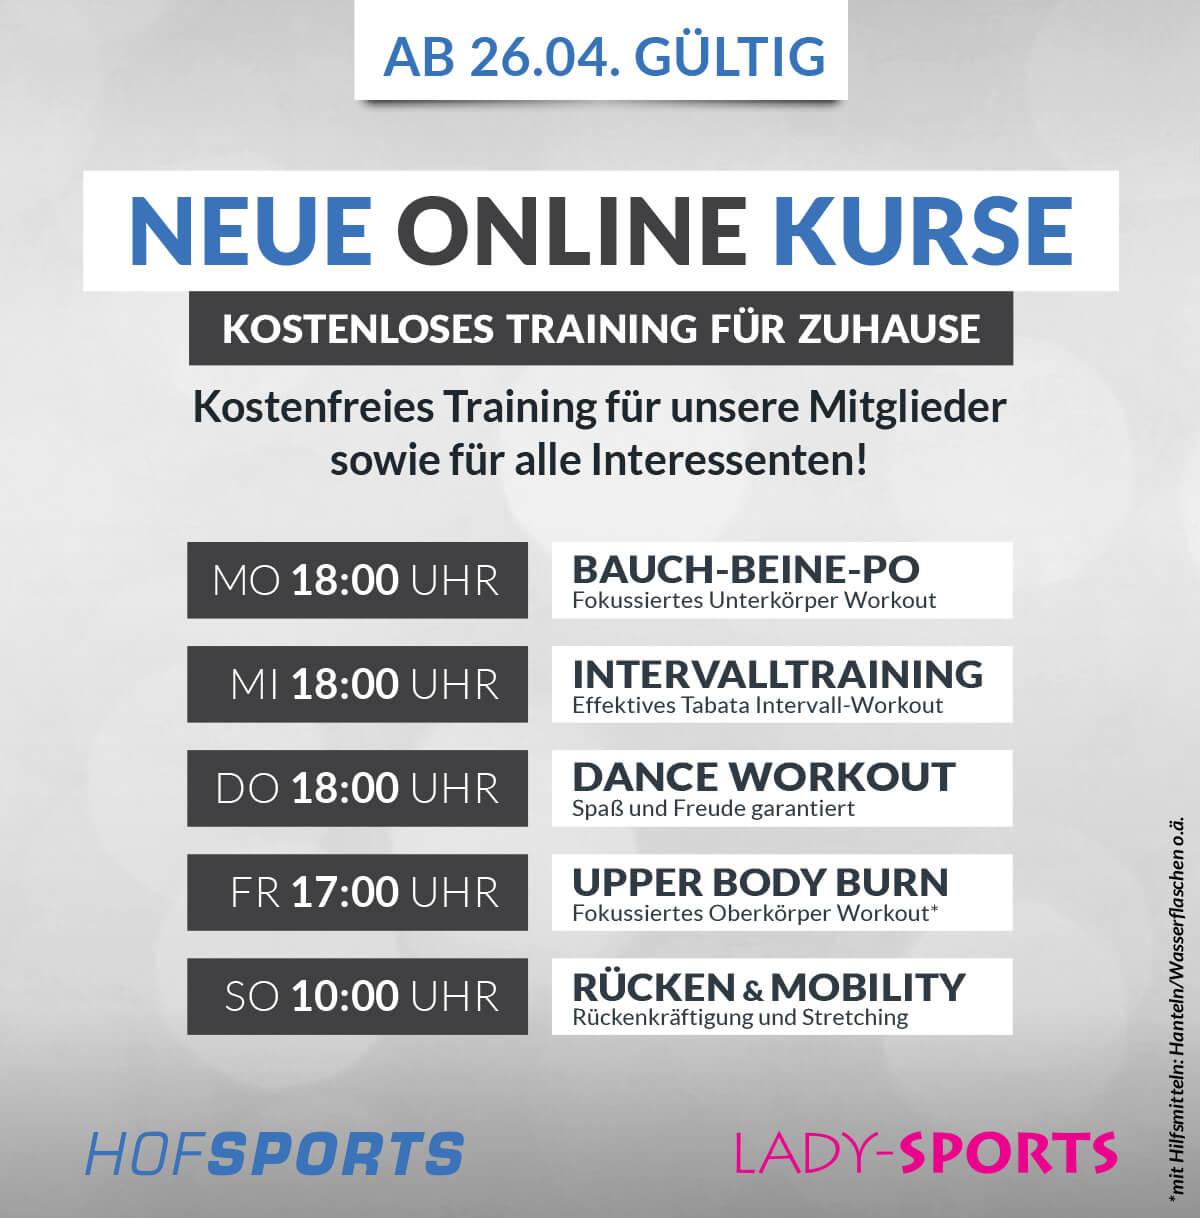 Neue Onmline Kurse ab 26.4.21 Dominik-s_Gesundheitsstudios-Fitnessstudios-Zoom Online Kurse